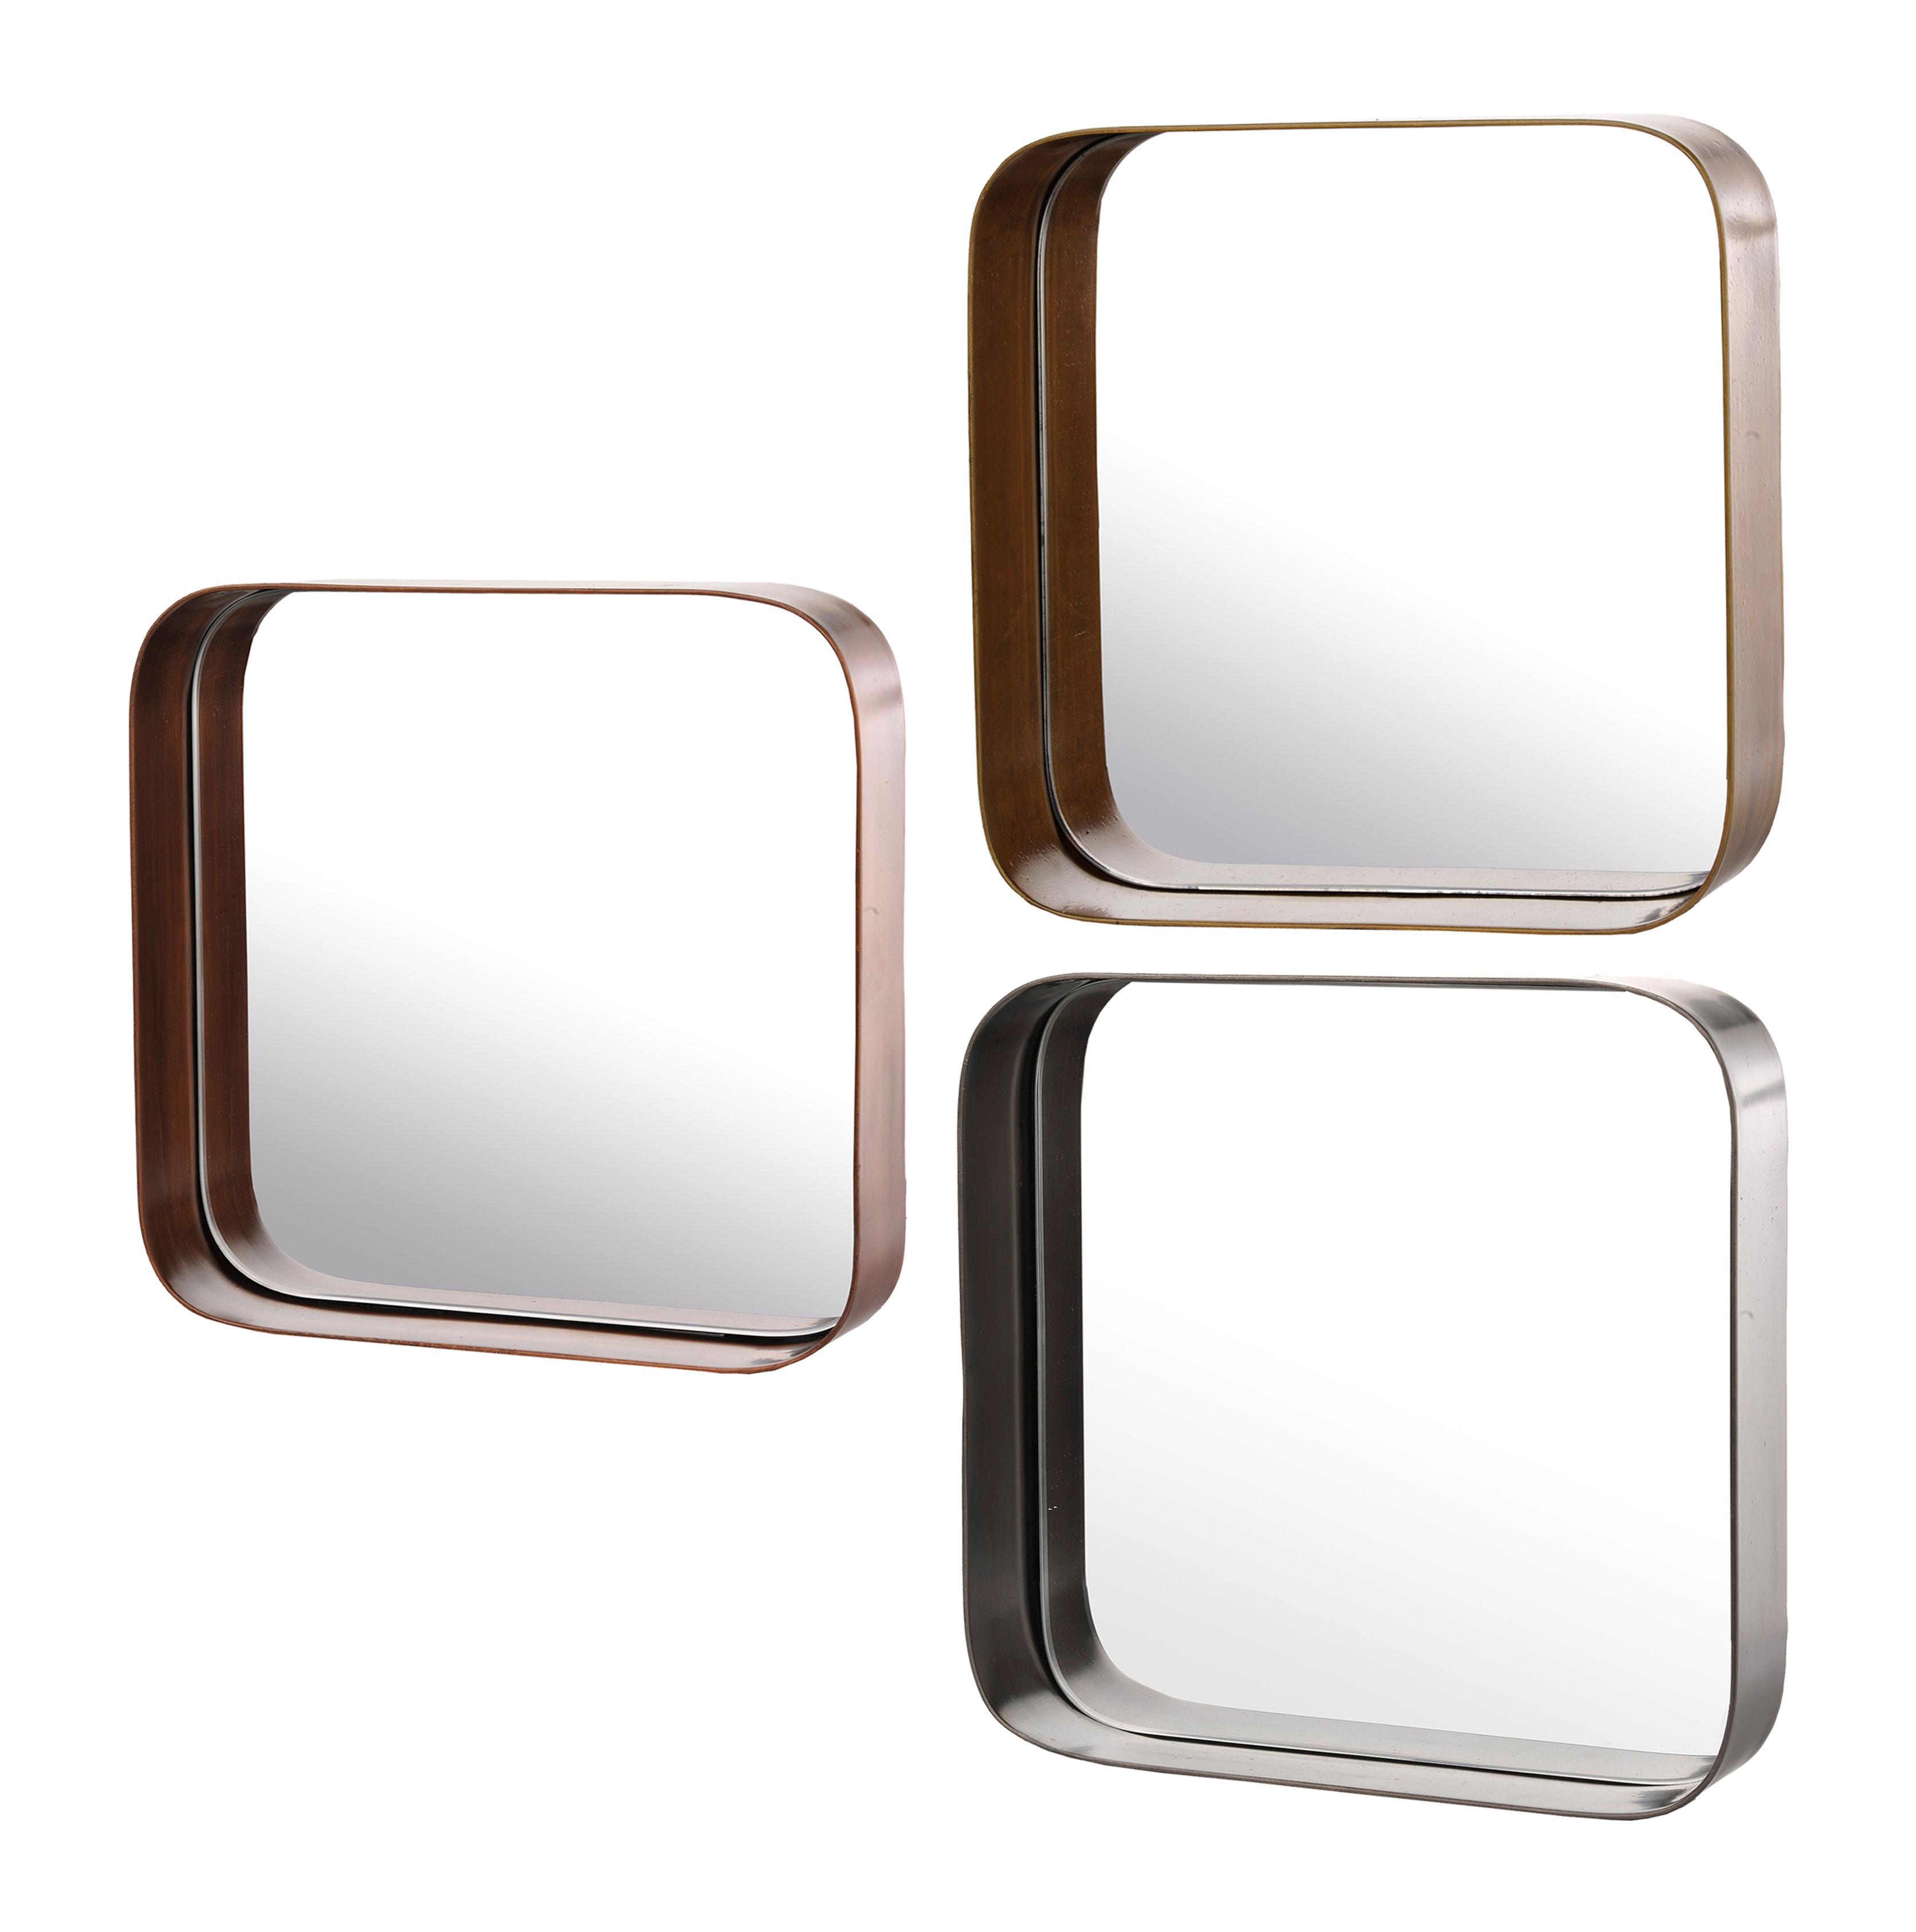 Déco - Miroirs - Miroir mural Edge Carrés / Set de 3 - Pols Potten - Laiton, Cuivre & argent - Métal, Miroir